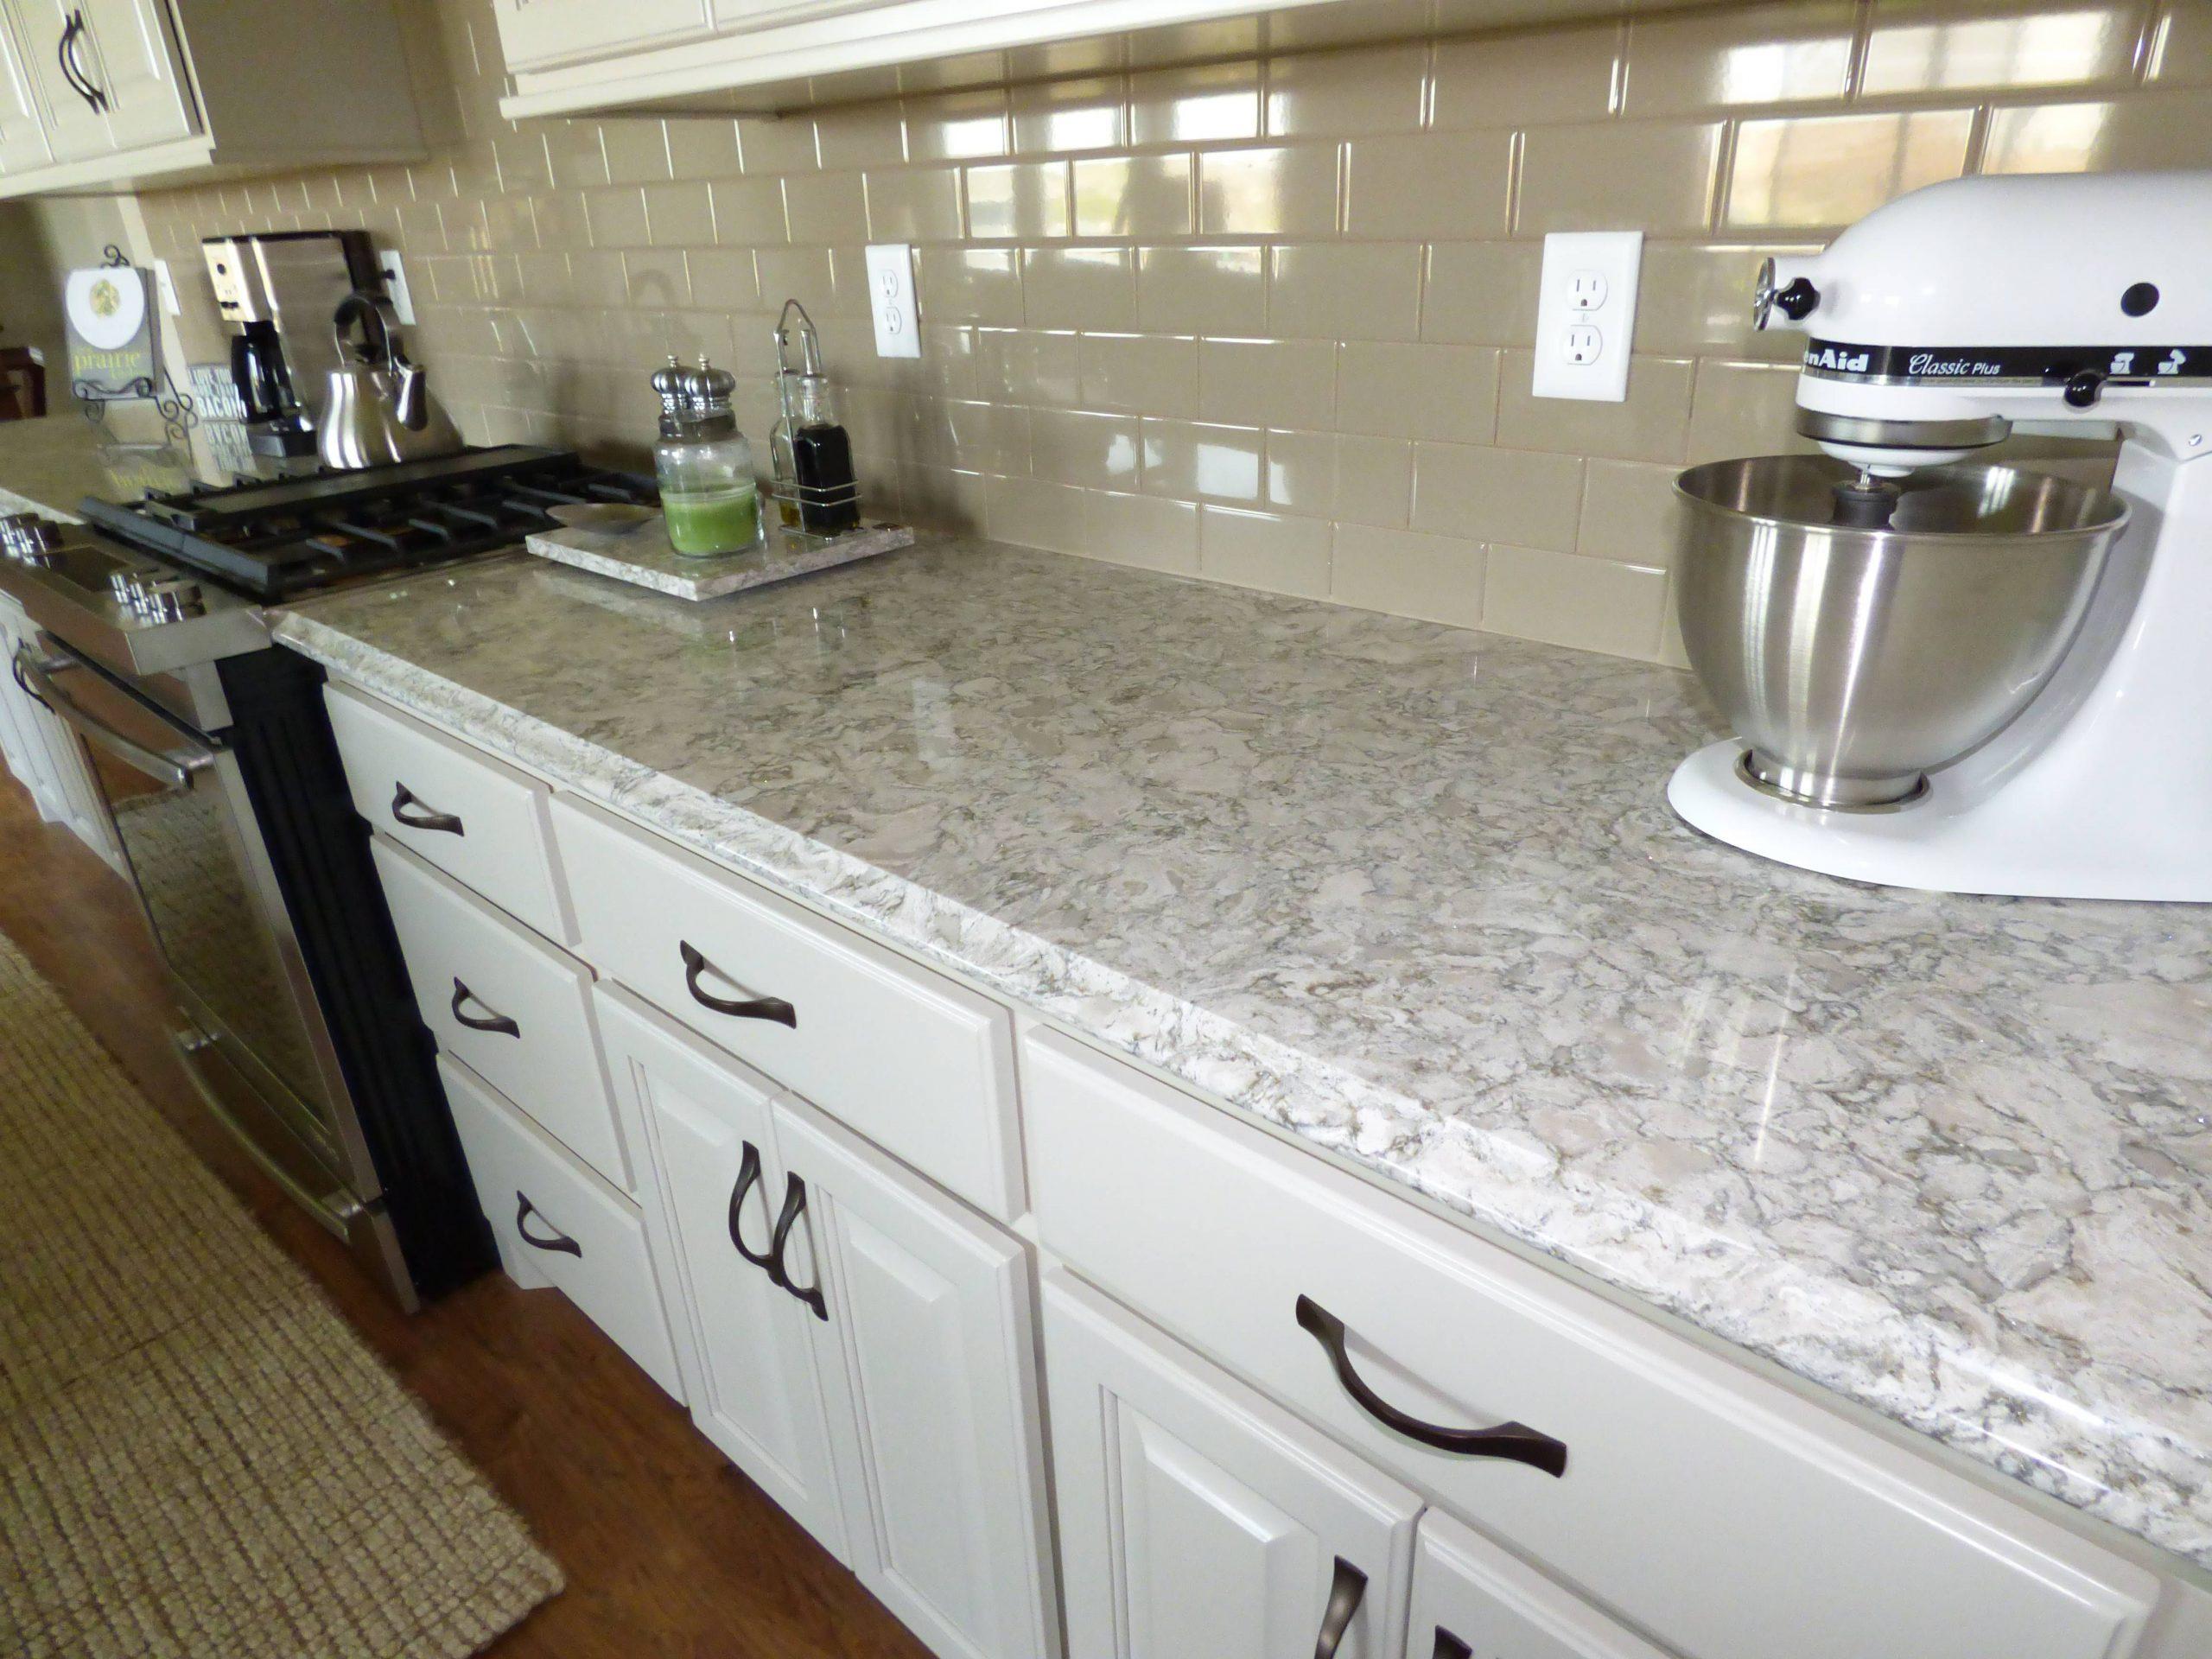 Full Size of Granit Arbeitsplatten Küche Arbeitsplatten Küche Hellweg Baumarkt Arbeitsplatten Küche 70 Cm Breit Arbeitsplatten Küche Zuschneiden Küche Arbeitsplatten Küche